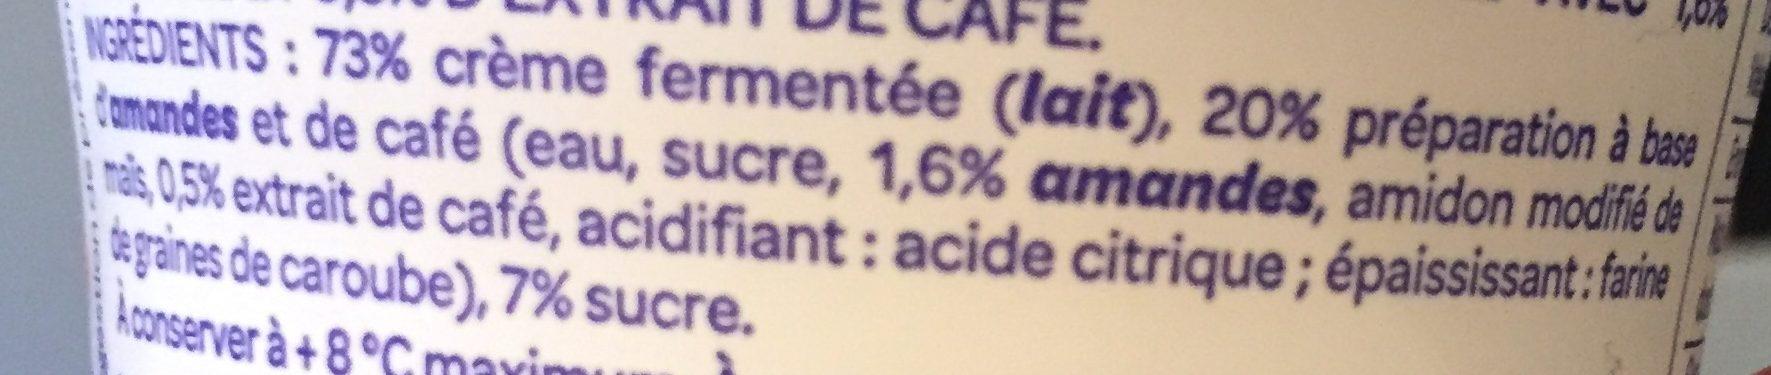 L'onctueux framboise - Ingrédients - fr